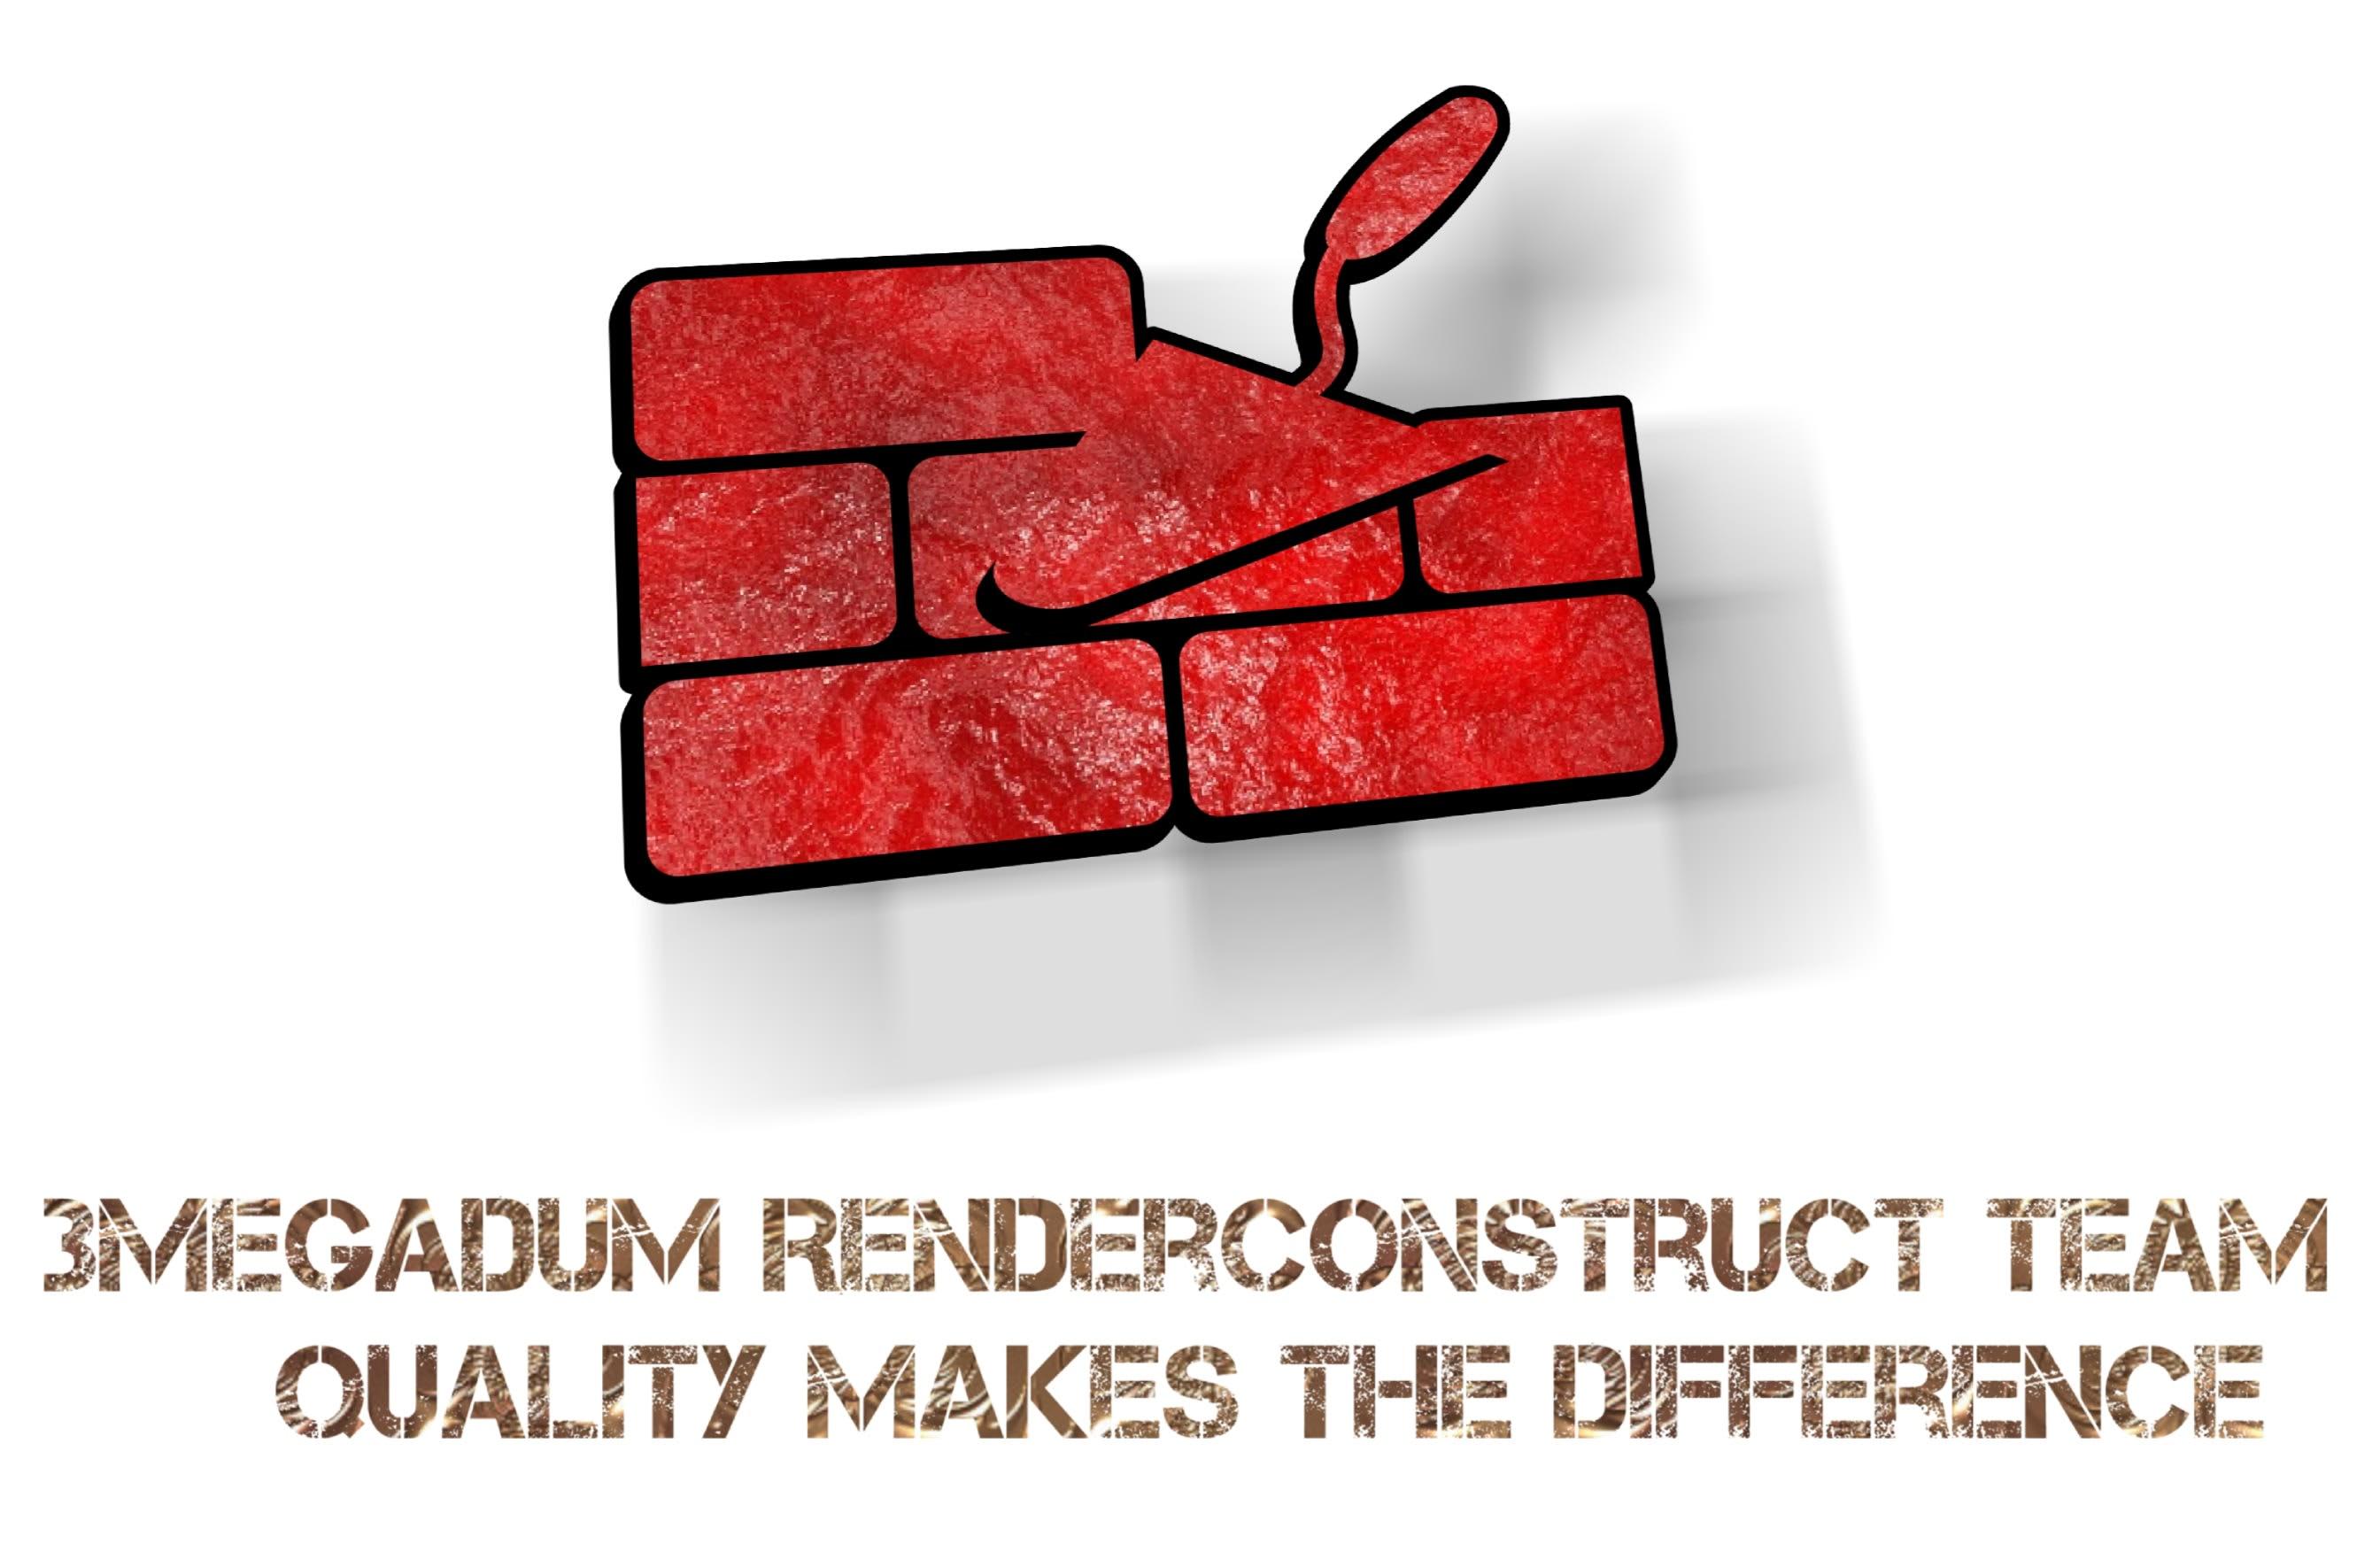 3Megadum RenderConstruct Team